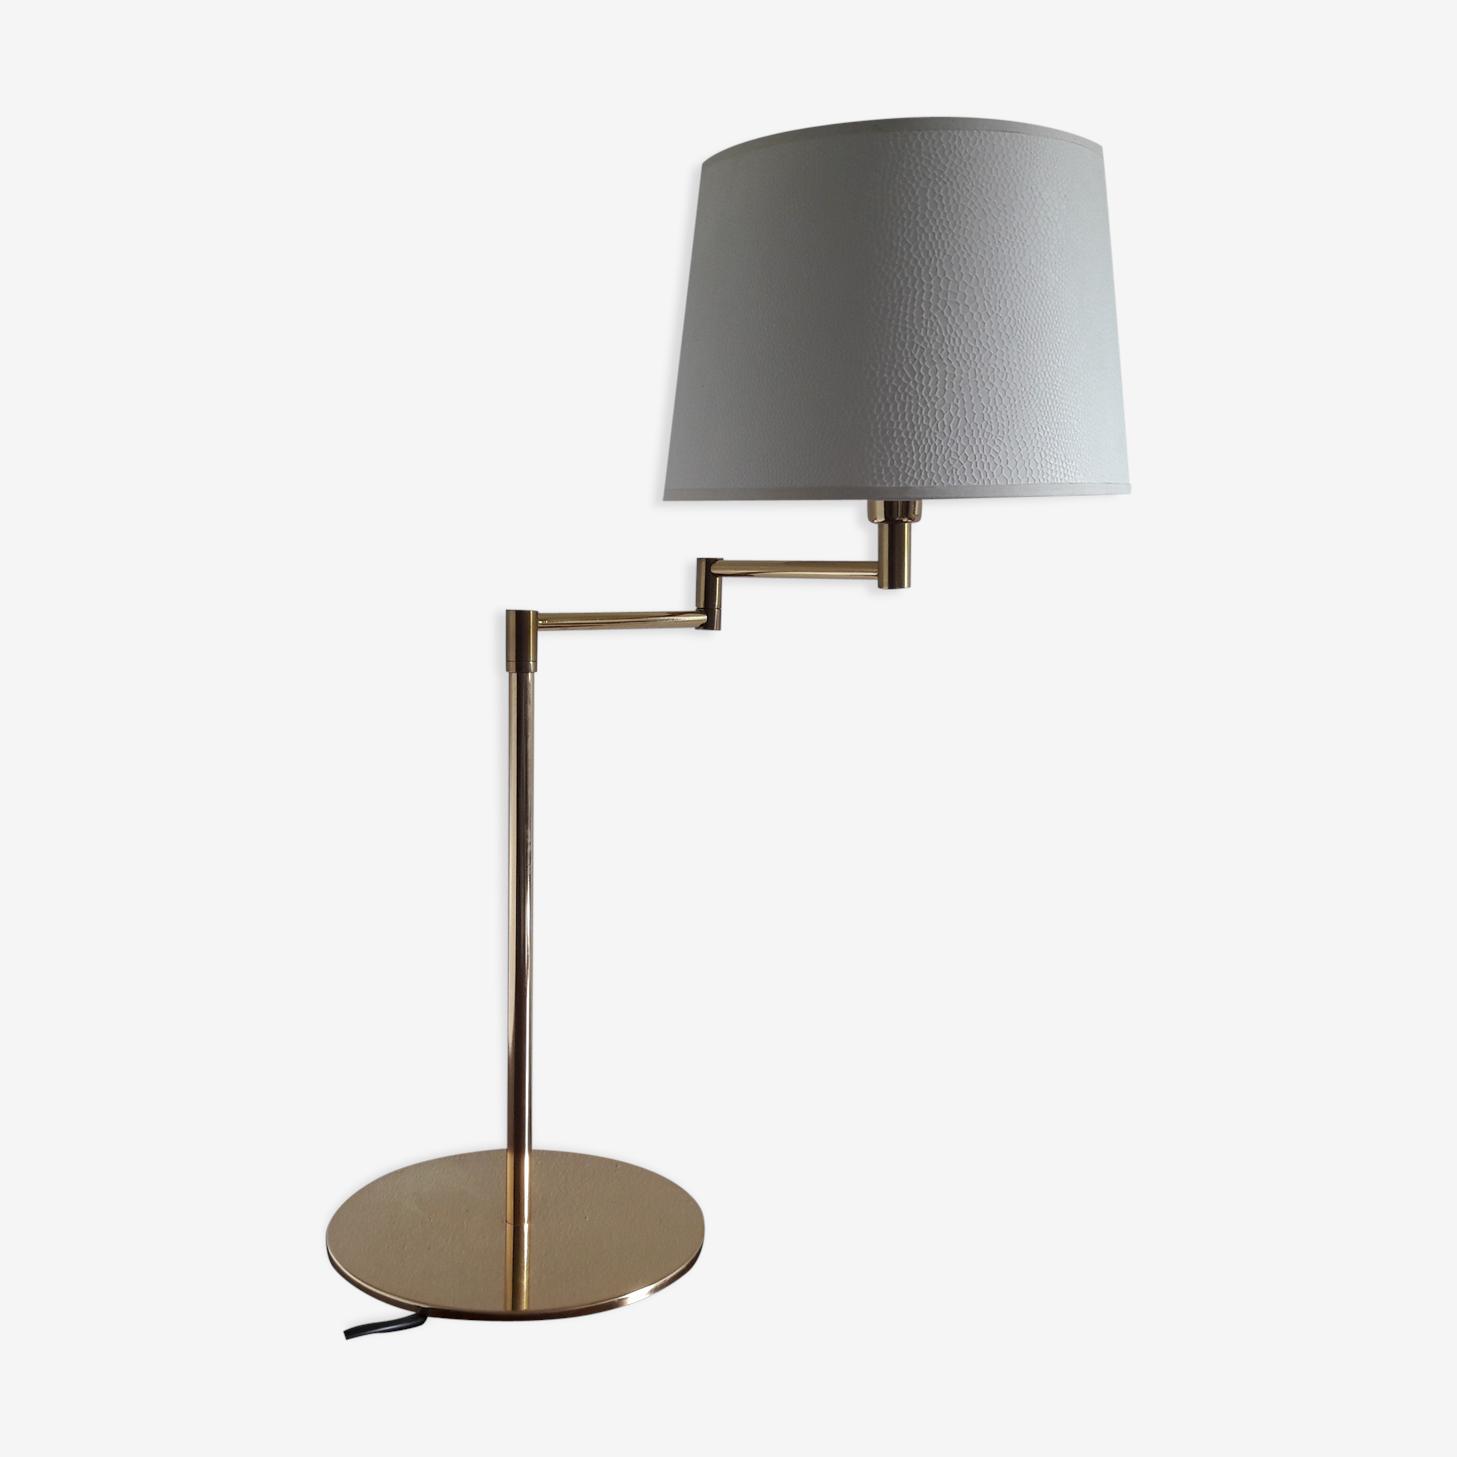 Lampe Liseuse Articulee Metal Dore Vintage Pwm2hcb